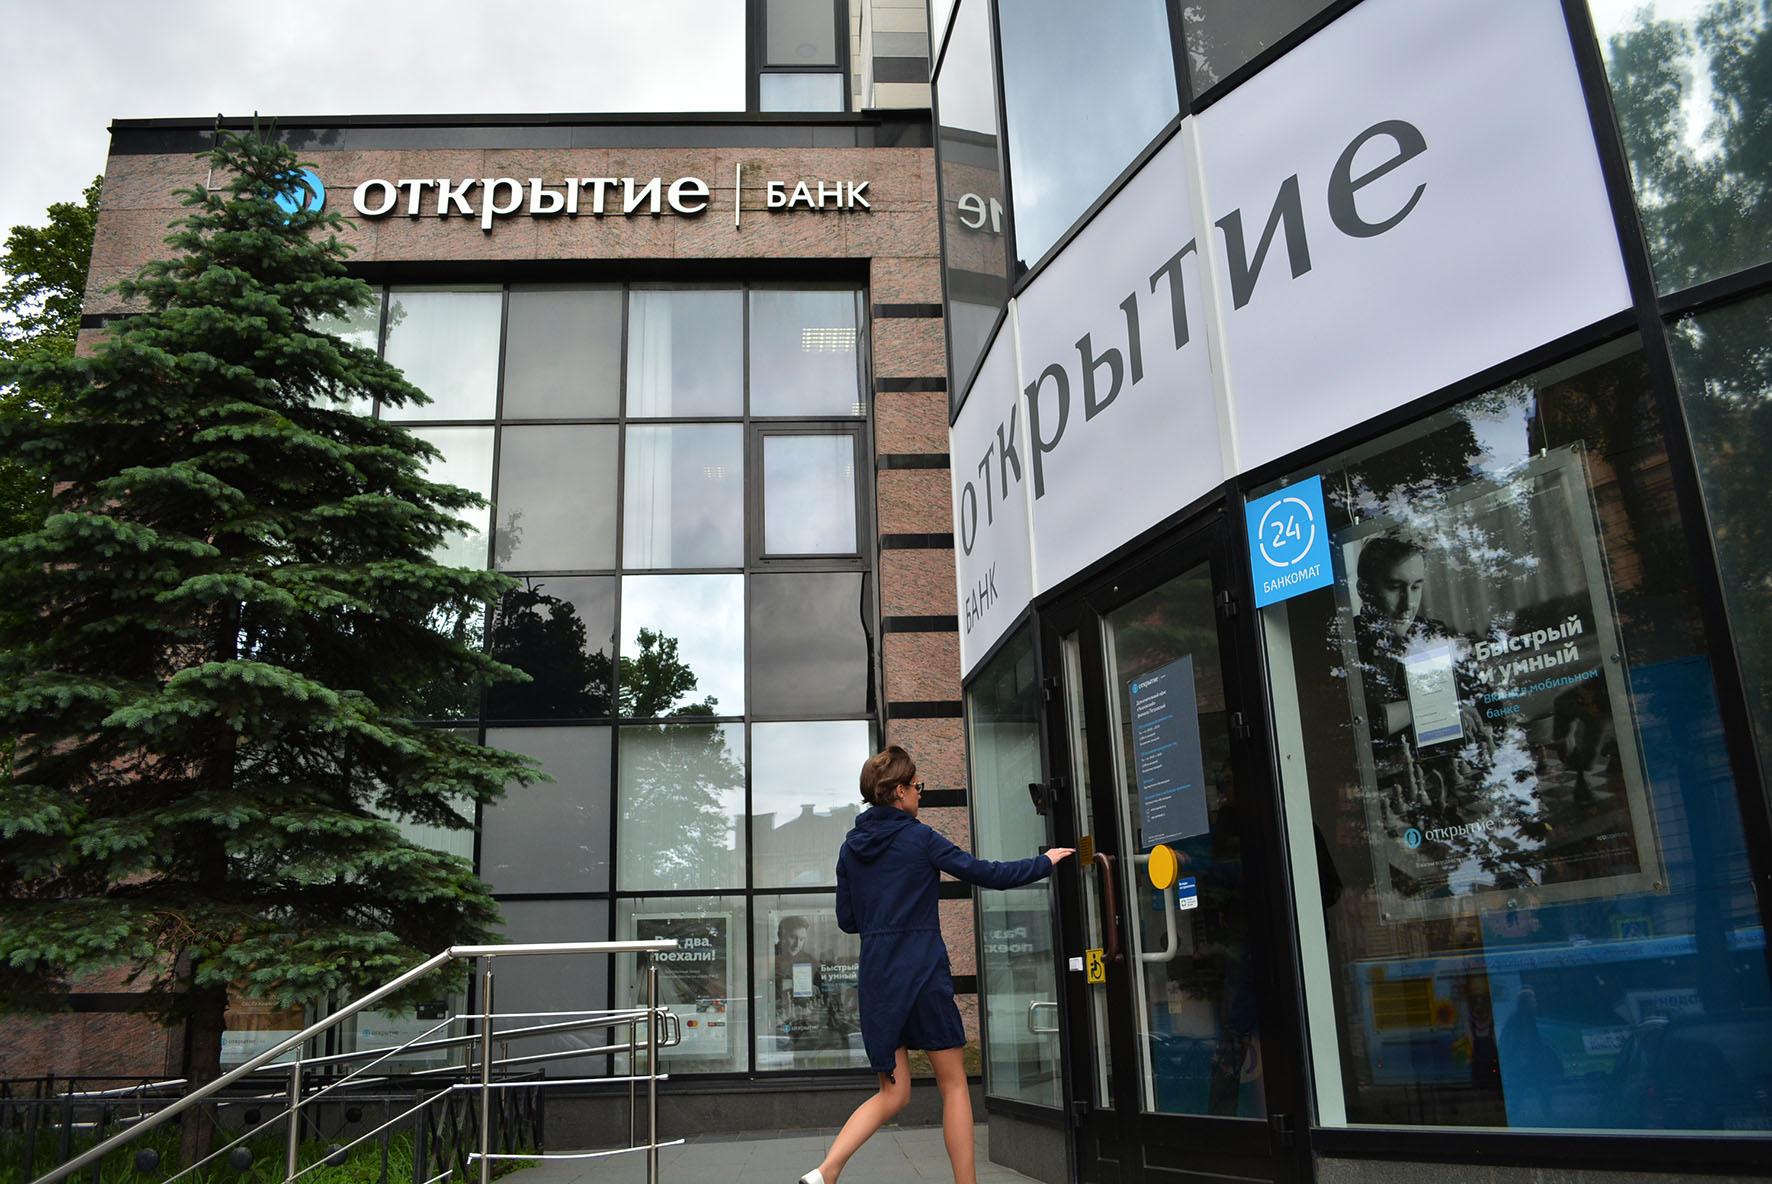 Банк «Открытие»: две трети россиян считают инвестирование рискованным, но прибыльным занятием - новости Афанасий